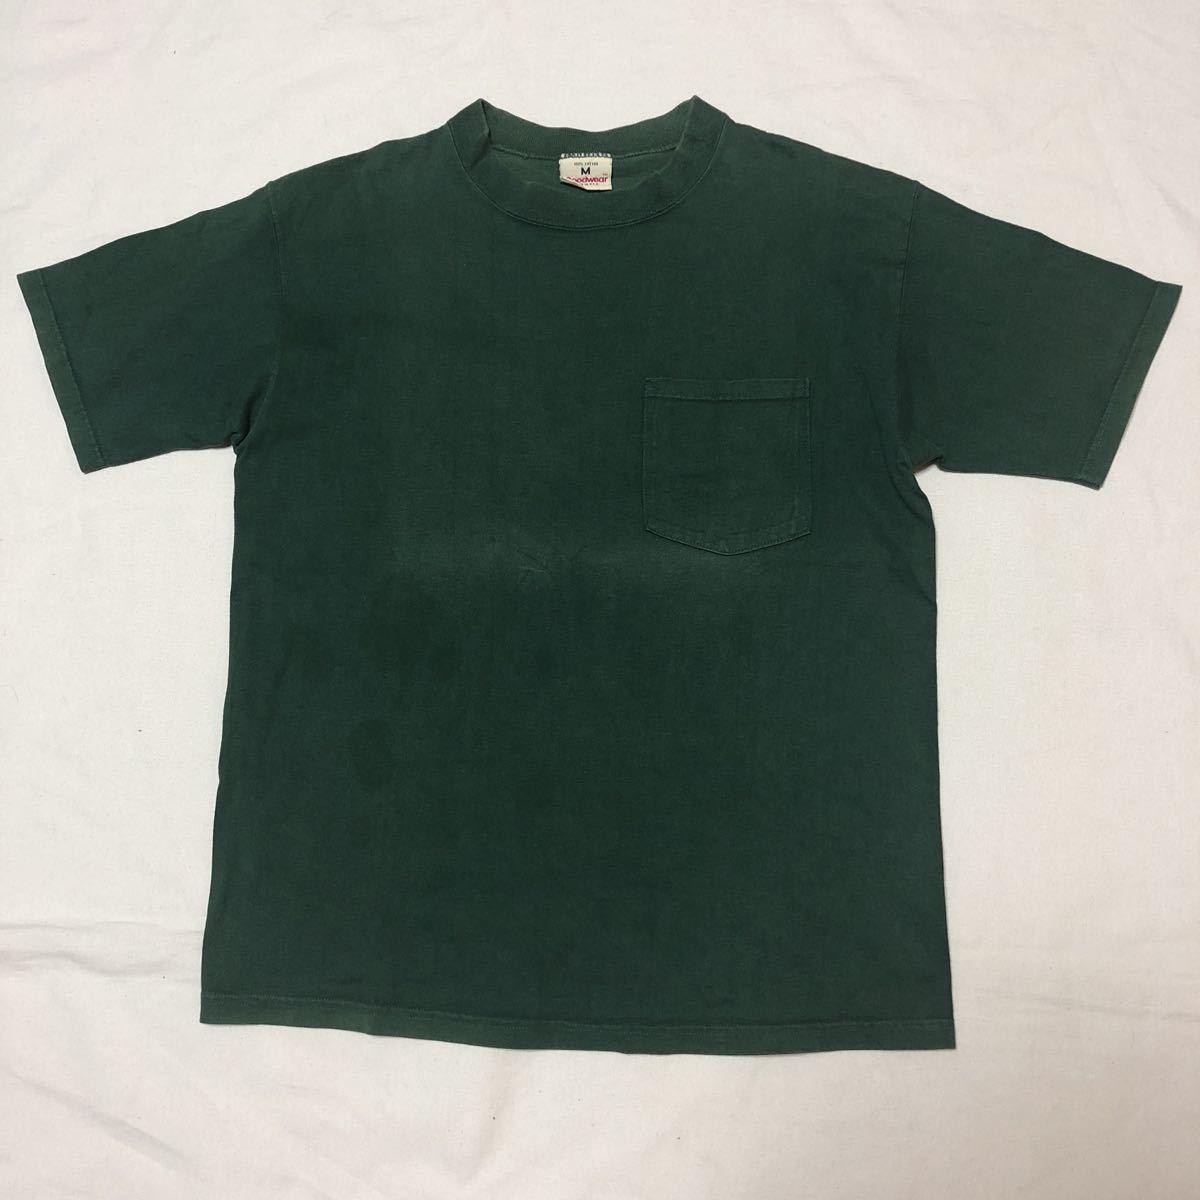 オールド アメリカ製 GOODWEAR ポケットT 90s 古着 USA コットン ヘビーウェイト ポケT グリーン グッドウェア 半袖 M